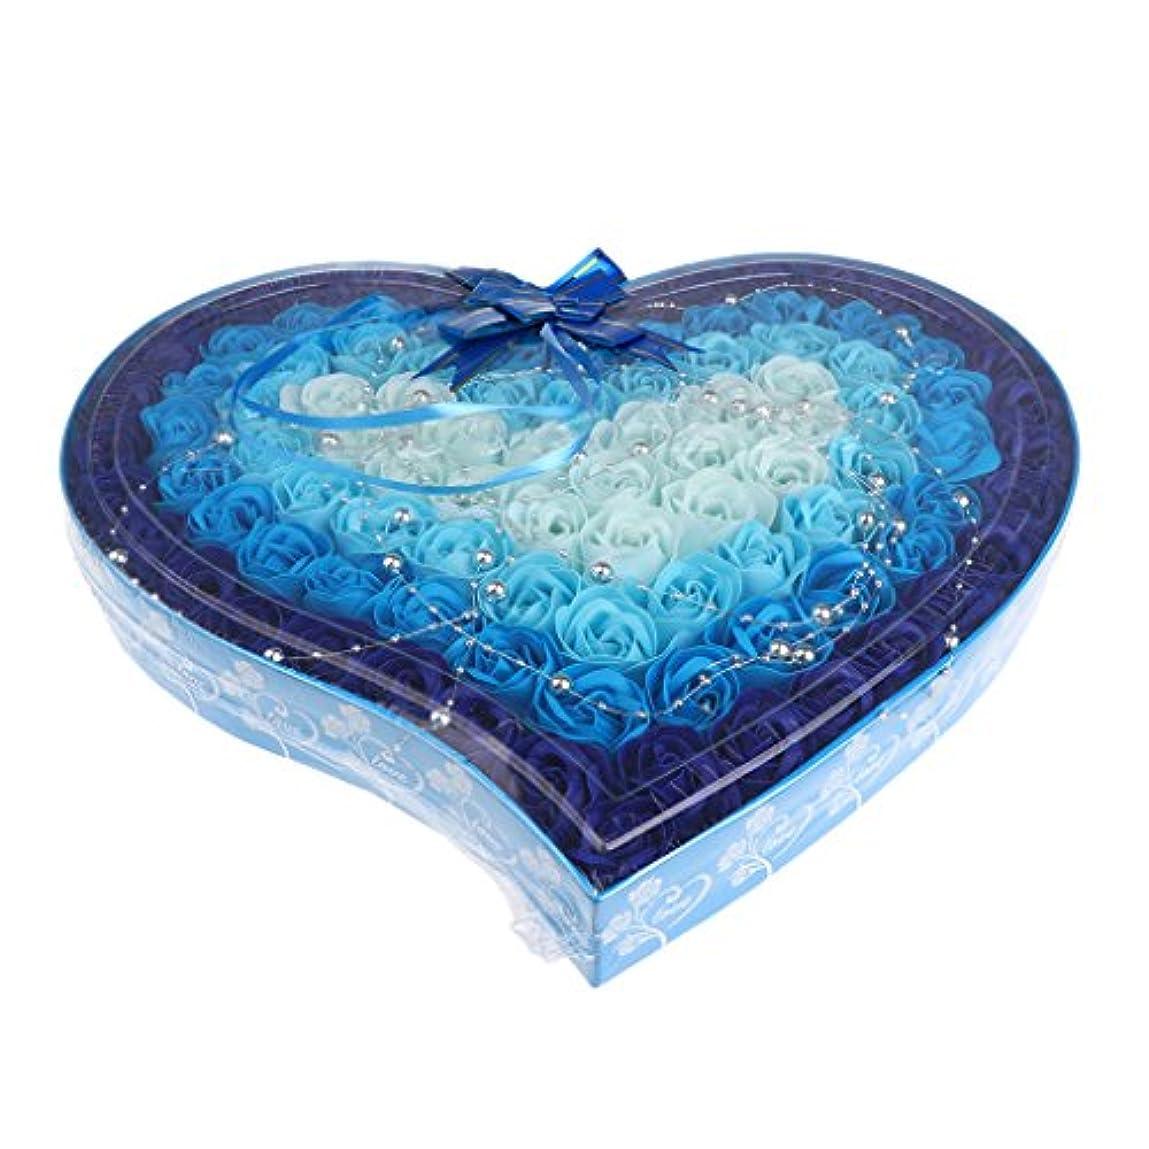 アミューズ抑圧する続編Kesoto 石鹸の花 造花 ソープフラワー 心の形 ギフトボックス  母の日   バレンタイン プレゼント 全4色選べる - 青